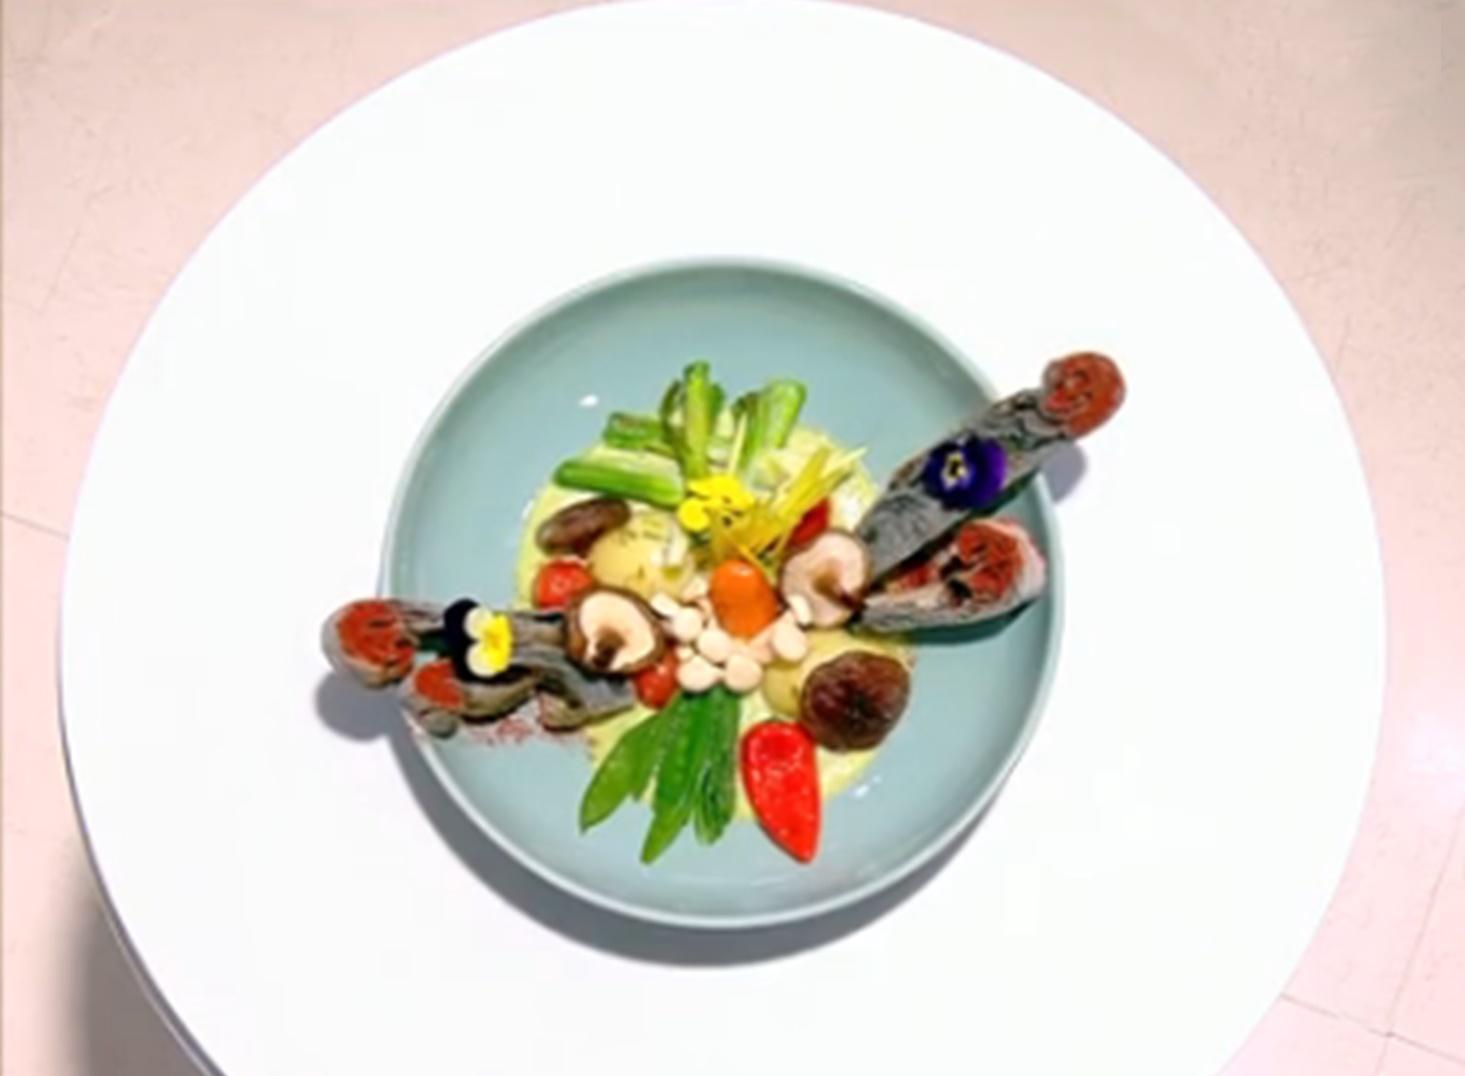 Mousse de dovlecei cu legume de primăvară, rețetă de post preparată de Vlăduț la Neatza cu Răzvan şi Dani